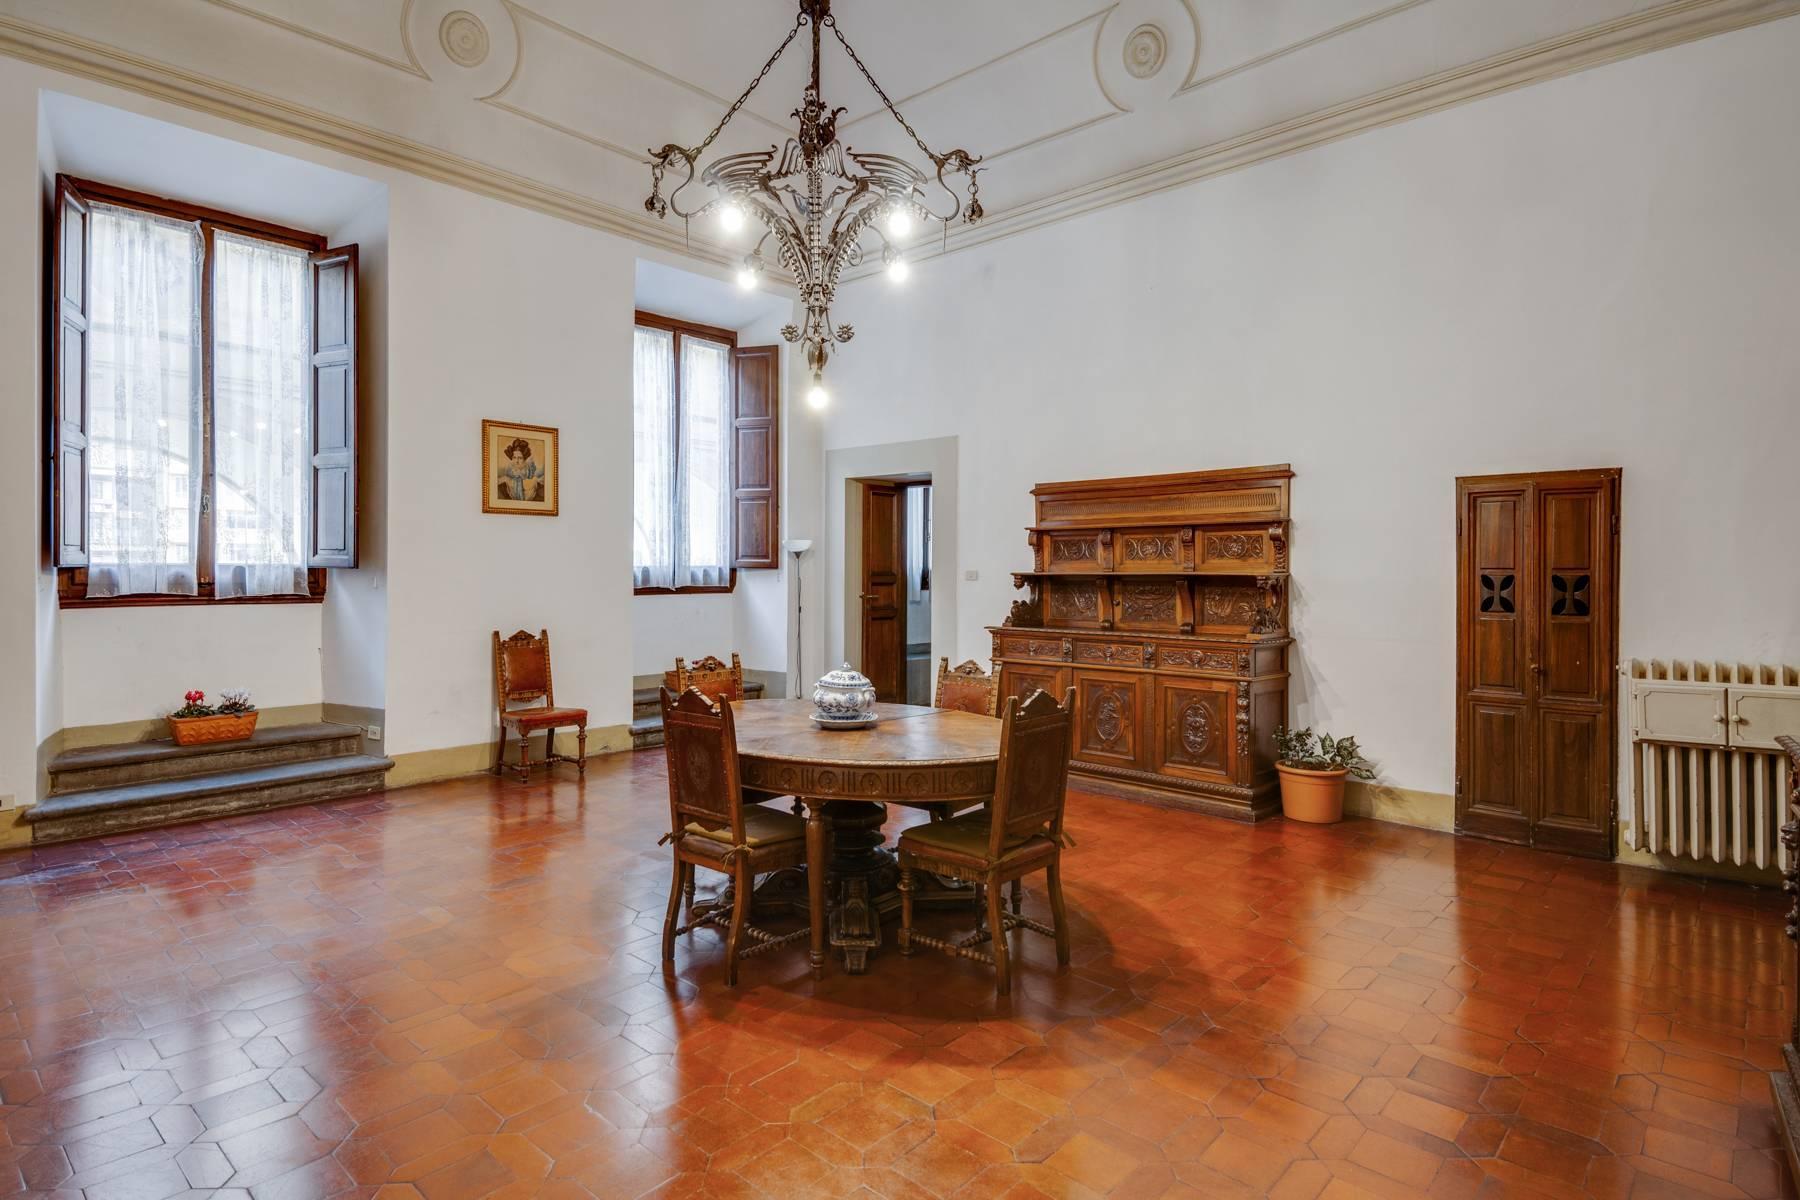 Große Wohnung im historischen Palast auf dem Ponte Vecchio - 7